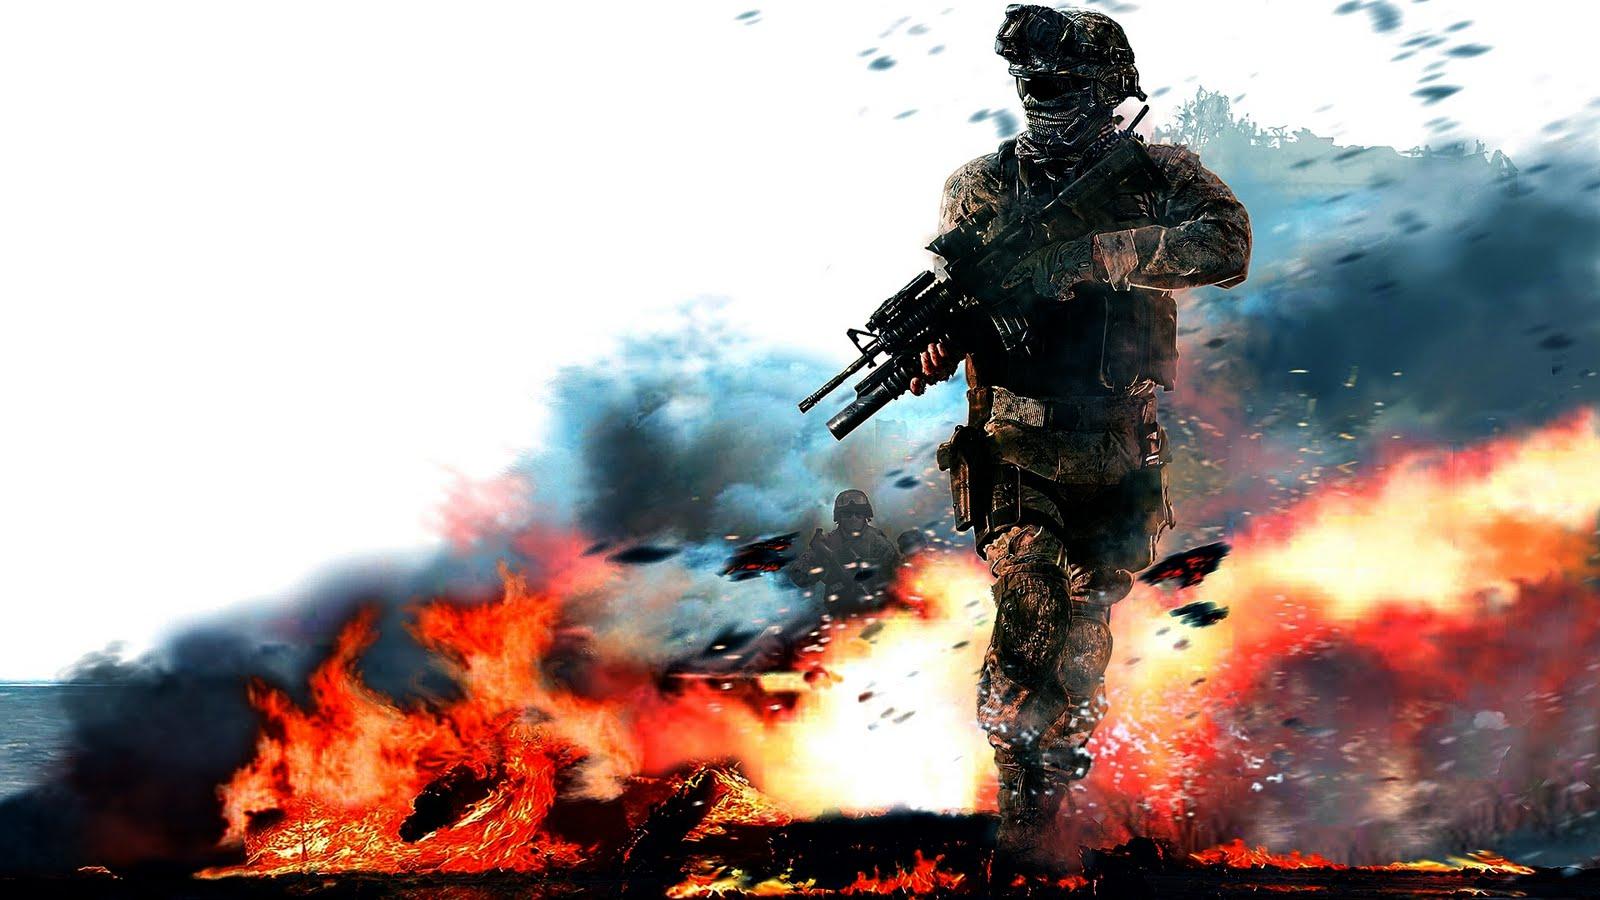 http://1.bp.blogspot.com/_2UbsSBz9ckE/S1u1-7Nwl7I/AAAAAAAAAug/vvbzcp2OsEU/s1600/Modern_Warfare_2%20HD%20Special%20wallpaper.jpg